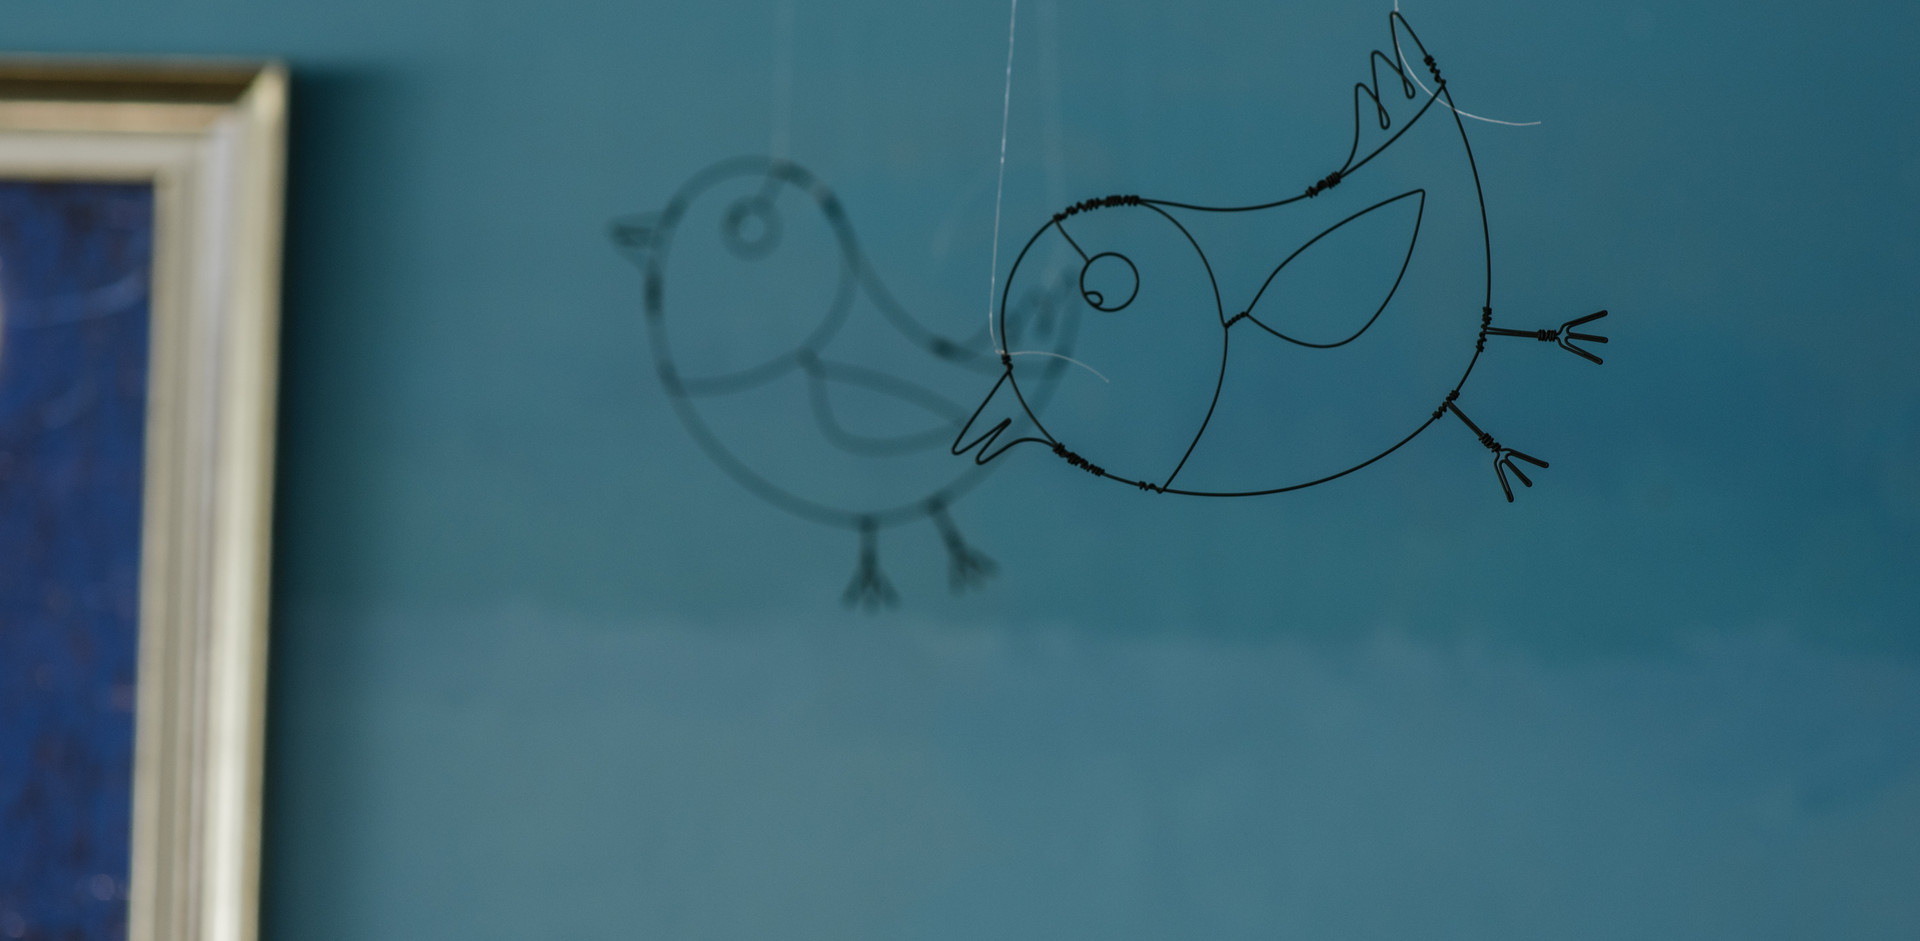 ציפורים חייכניות  גם הן הצטרפו לחלל